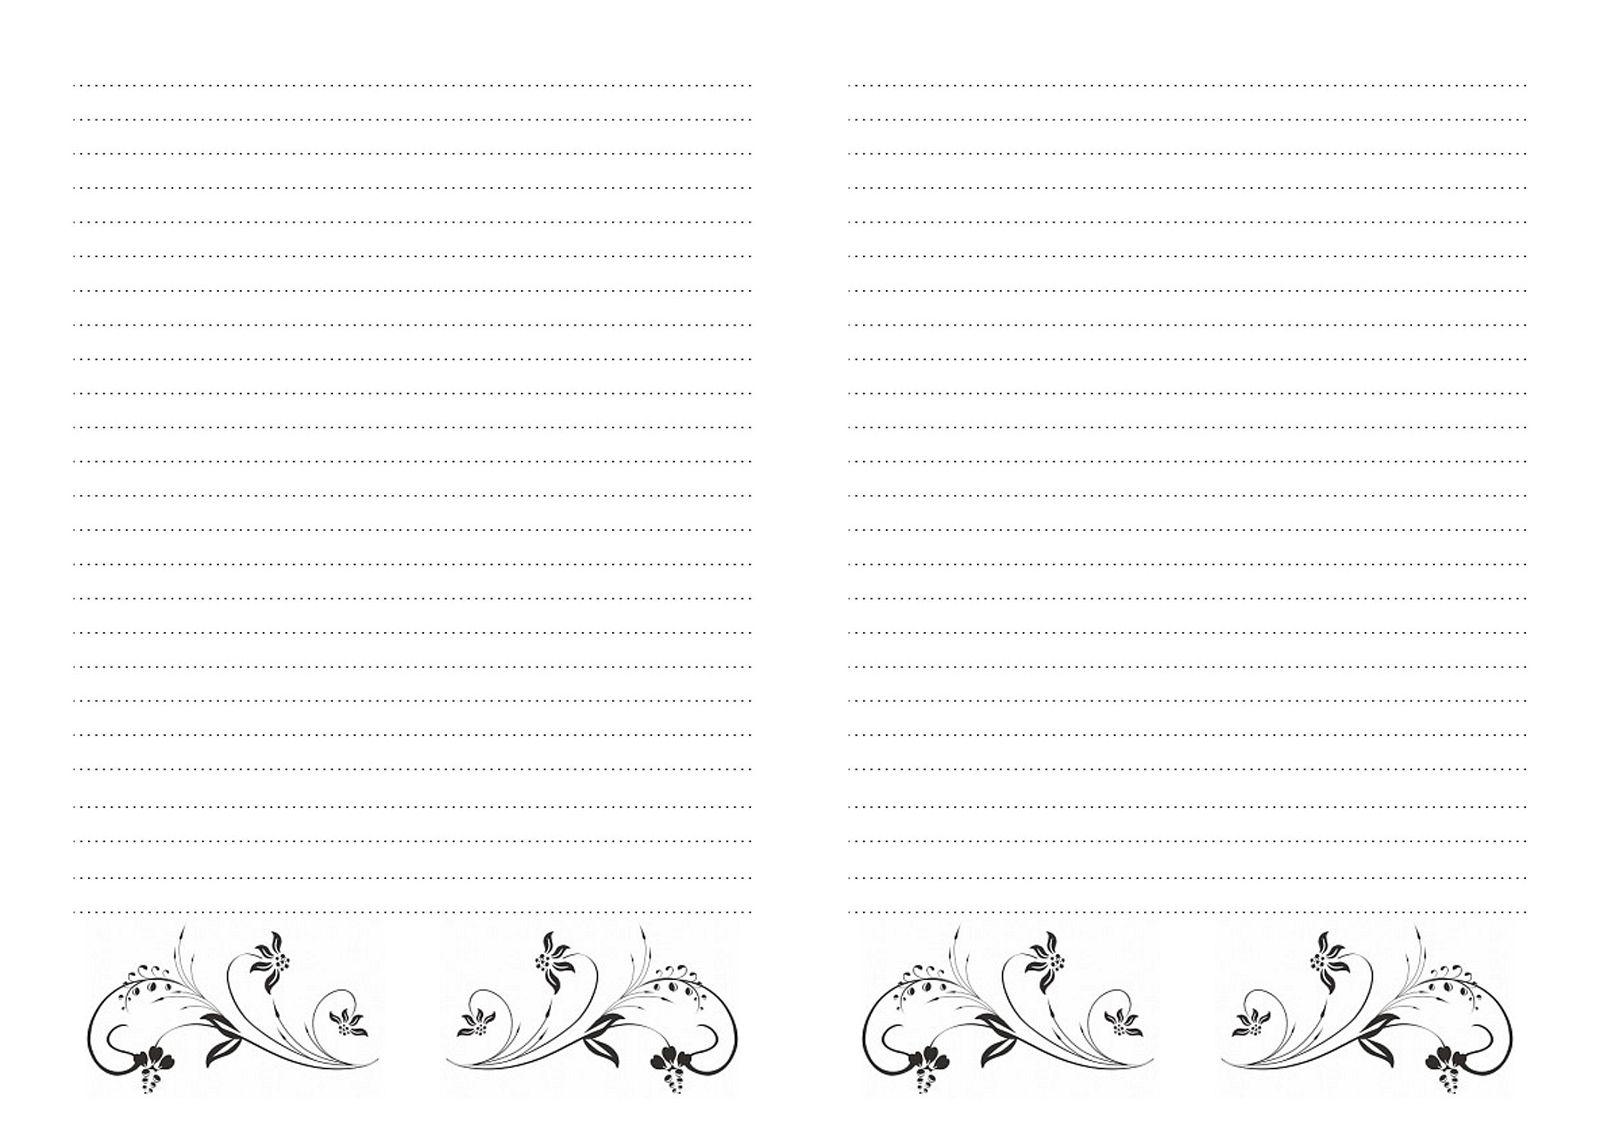 листы с картинками для блокнота скрапбукингом помпонов прекрасное дополнение